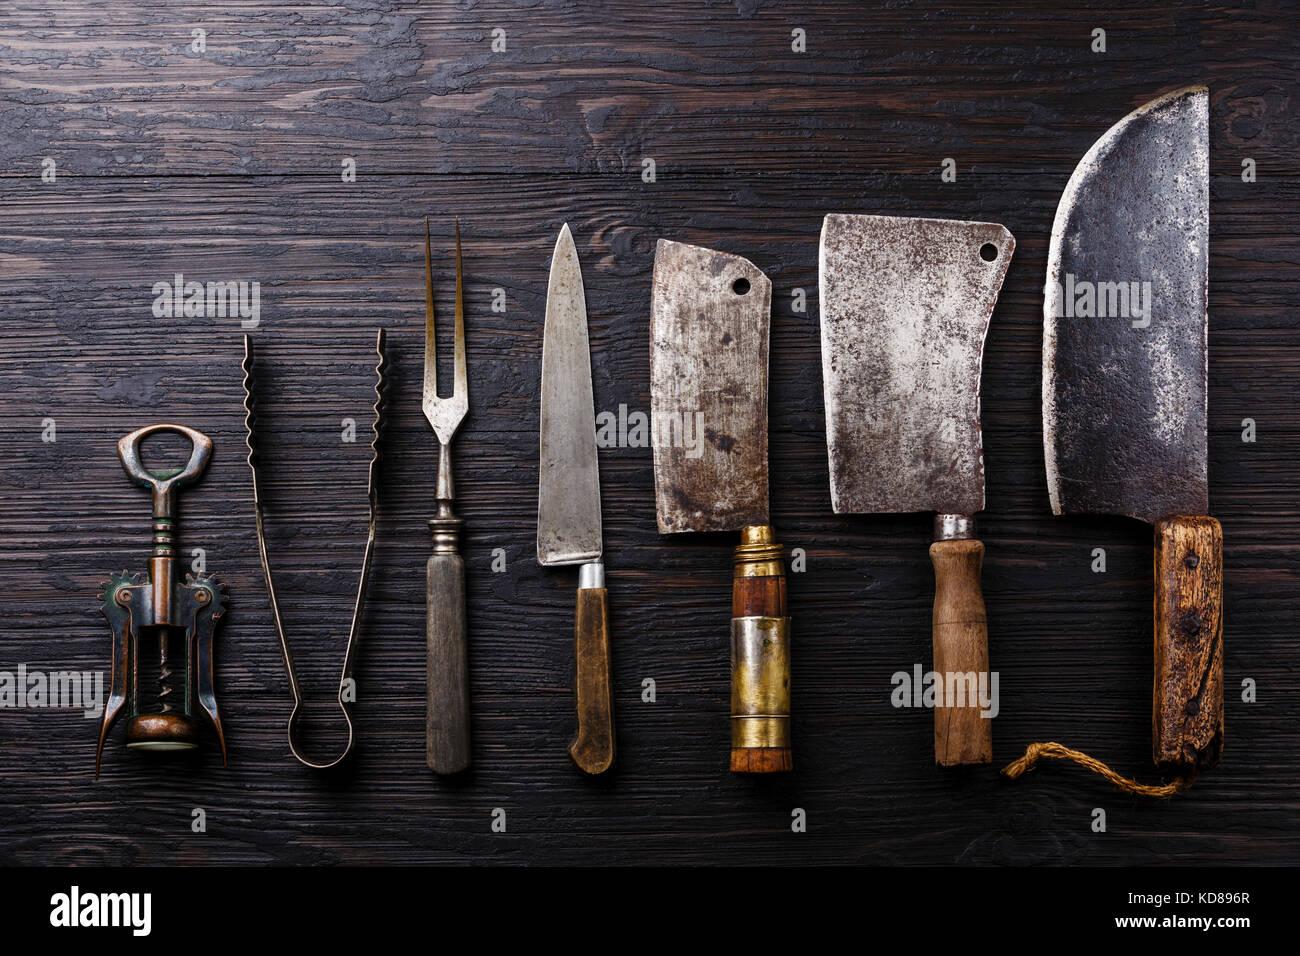 La viande de boucherie vintage gaillet, tire-bouchon et tongs sur fond de bois brûlé foncé Photo Stock